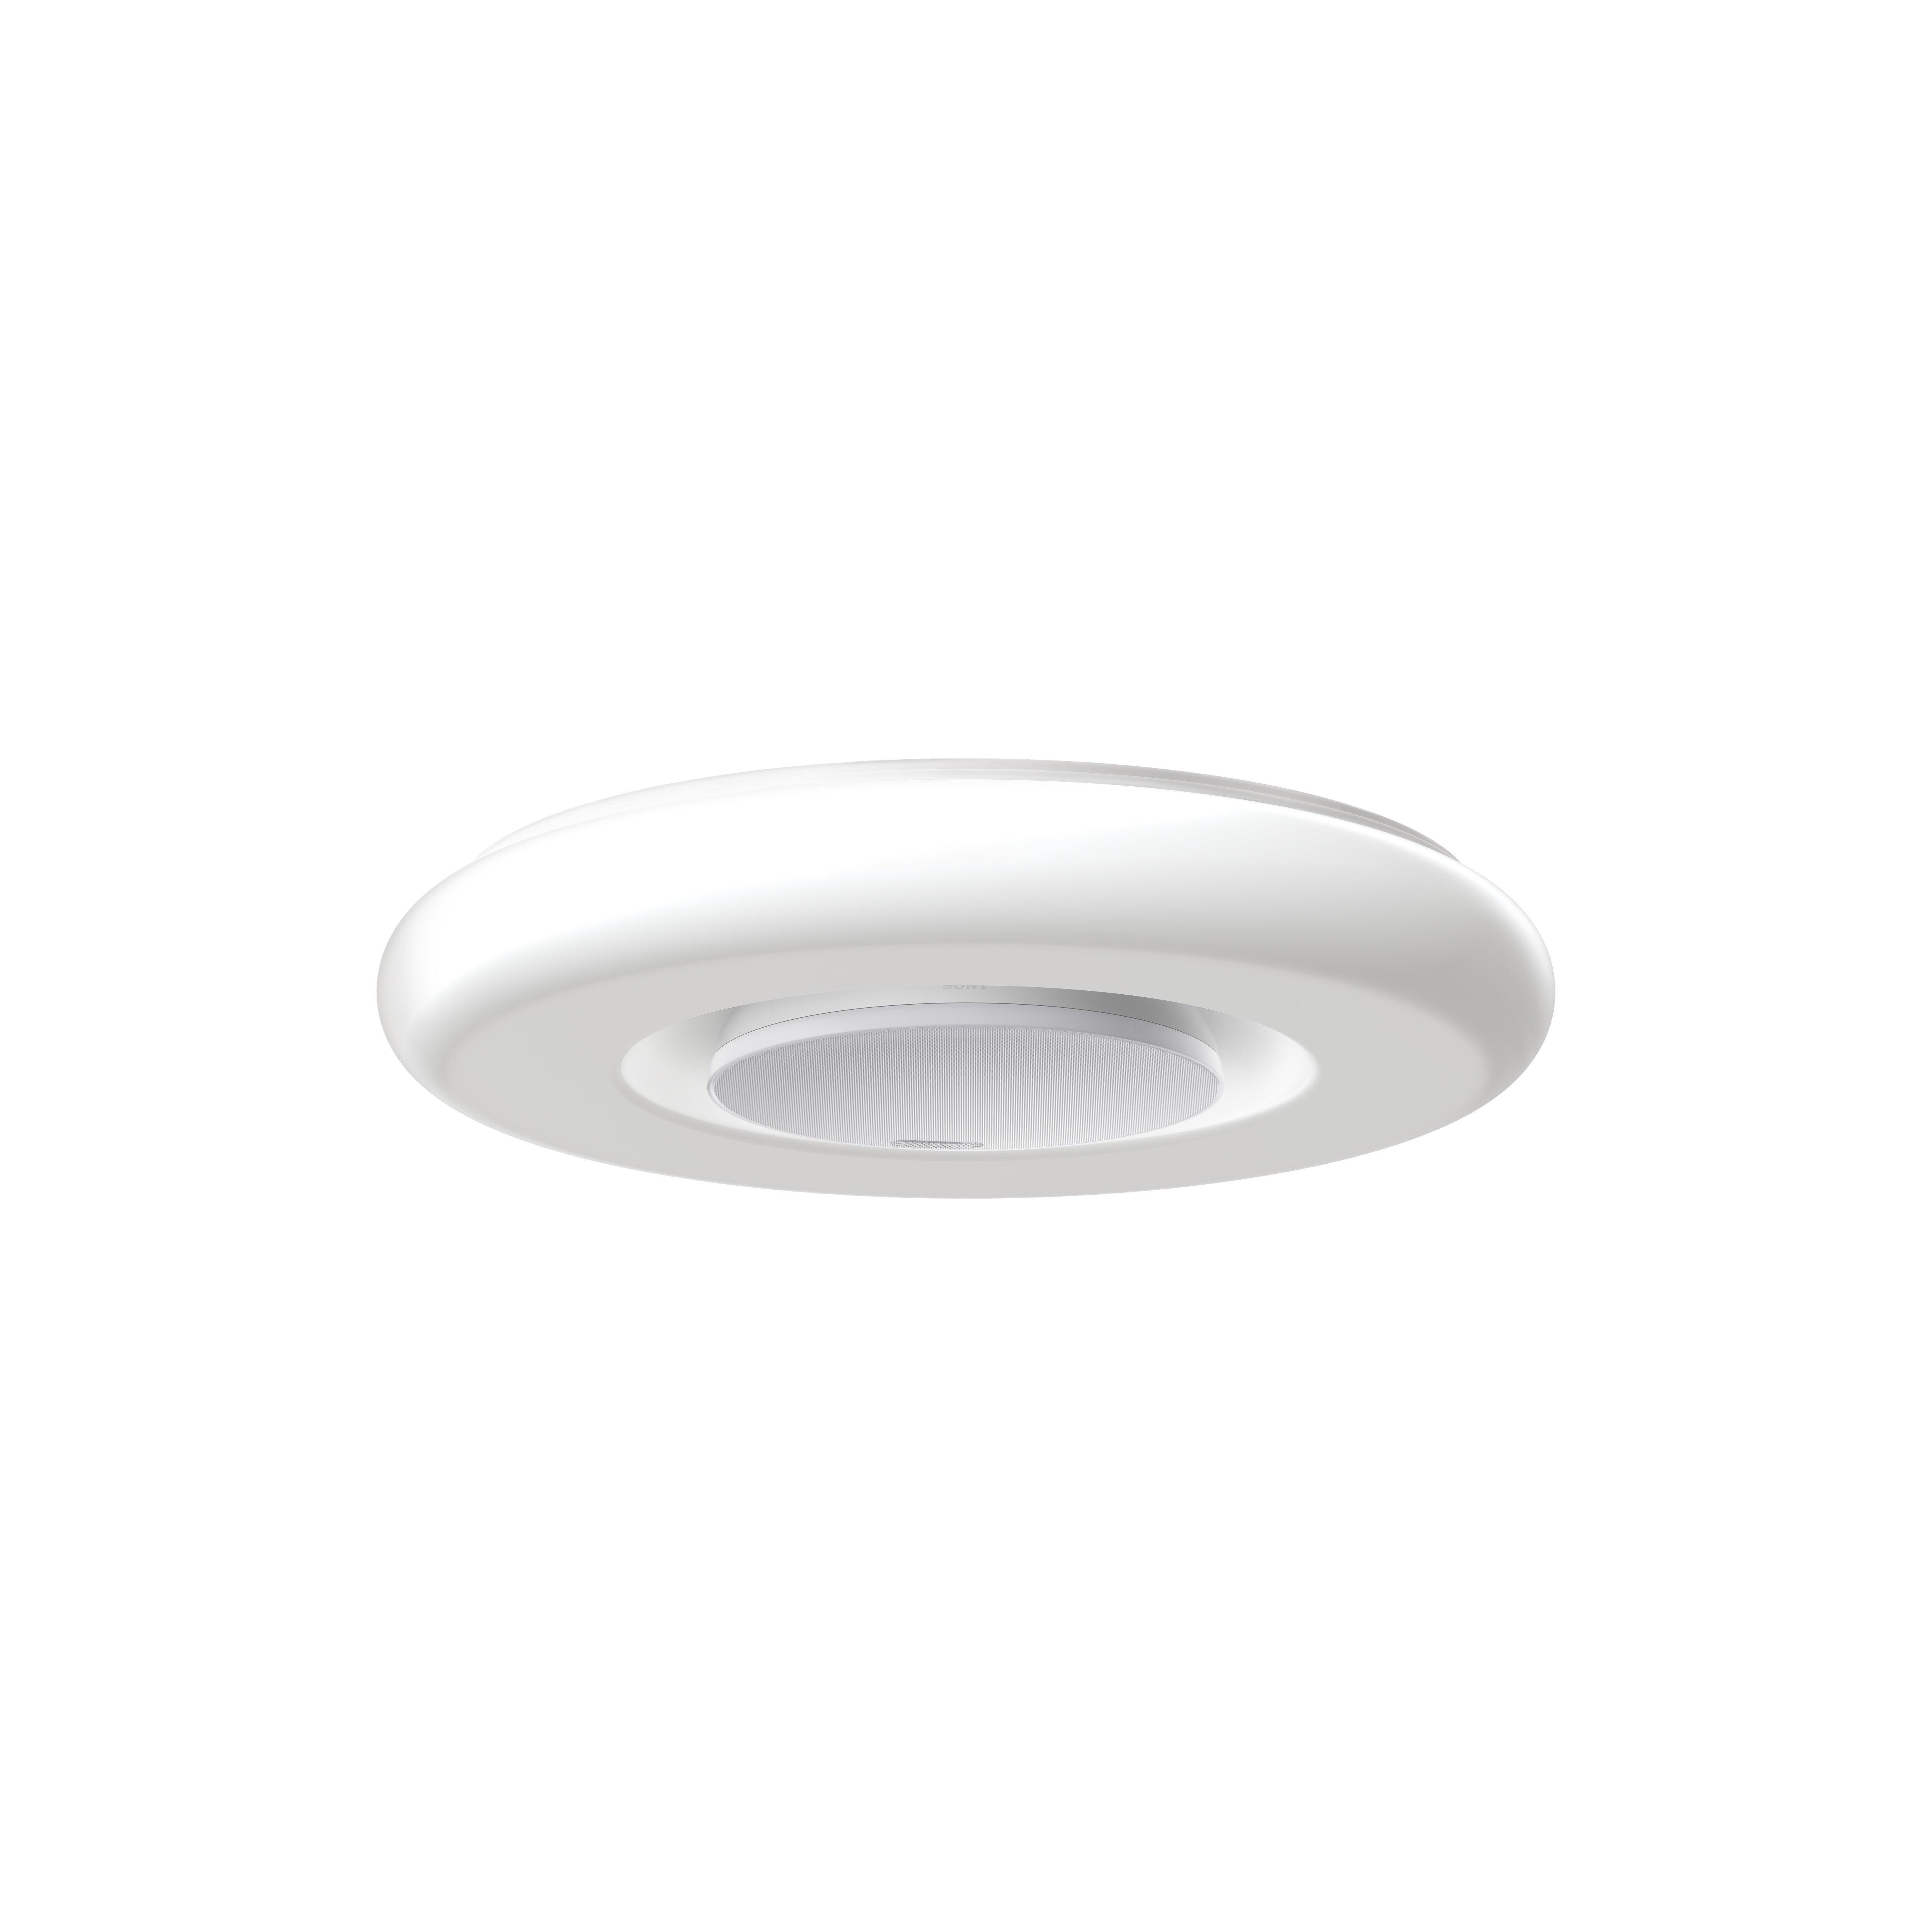 家電の操作やBluetoothスピーカー 見守り機能を備えたLEDシーリングライト